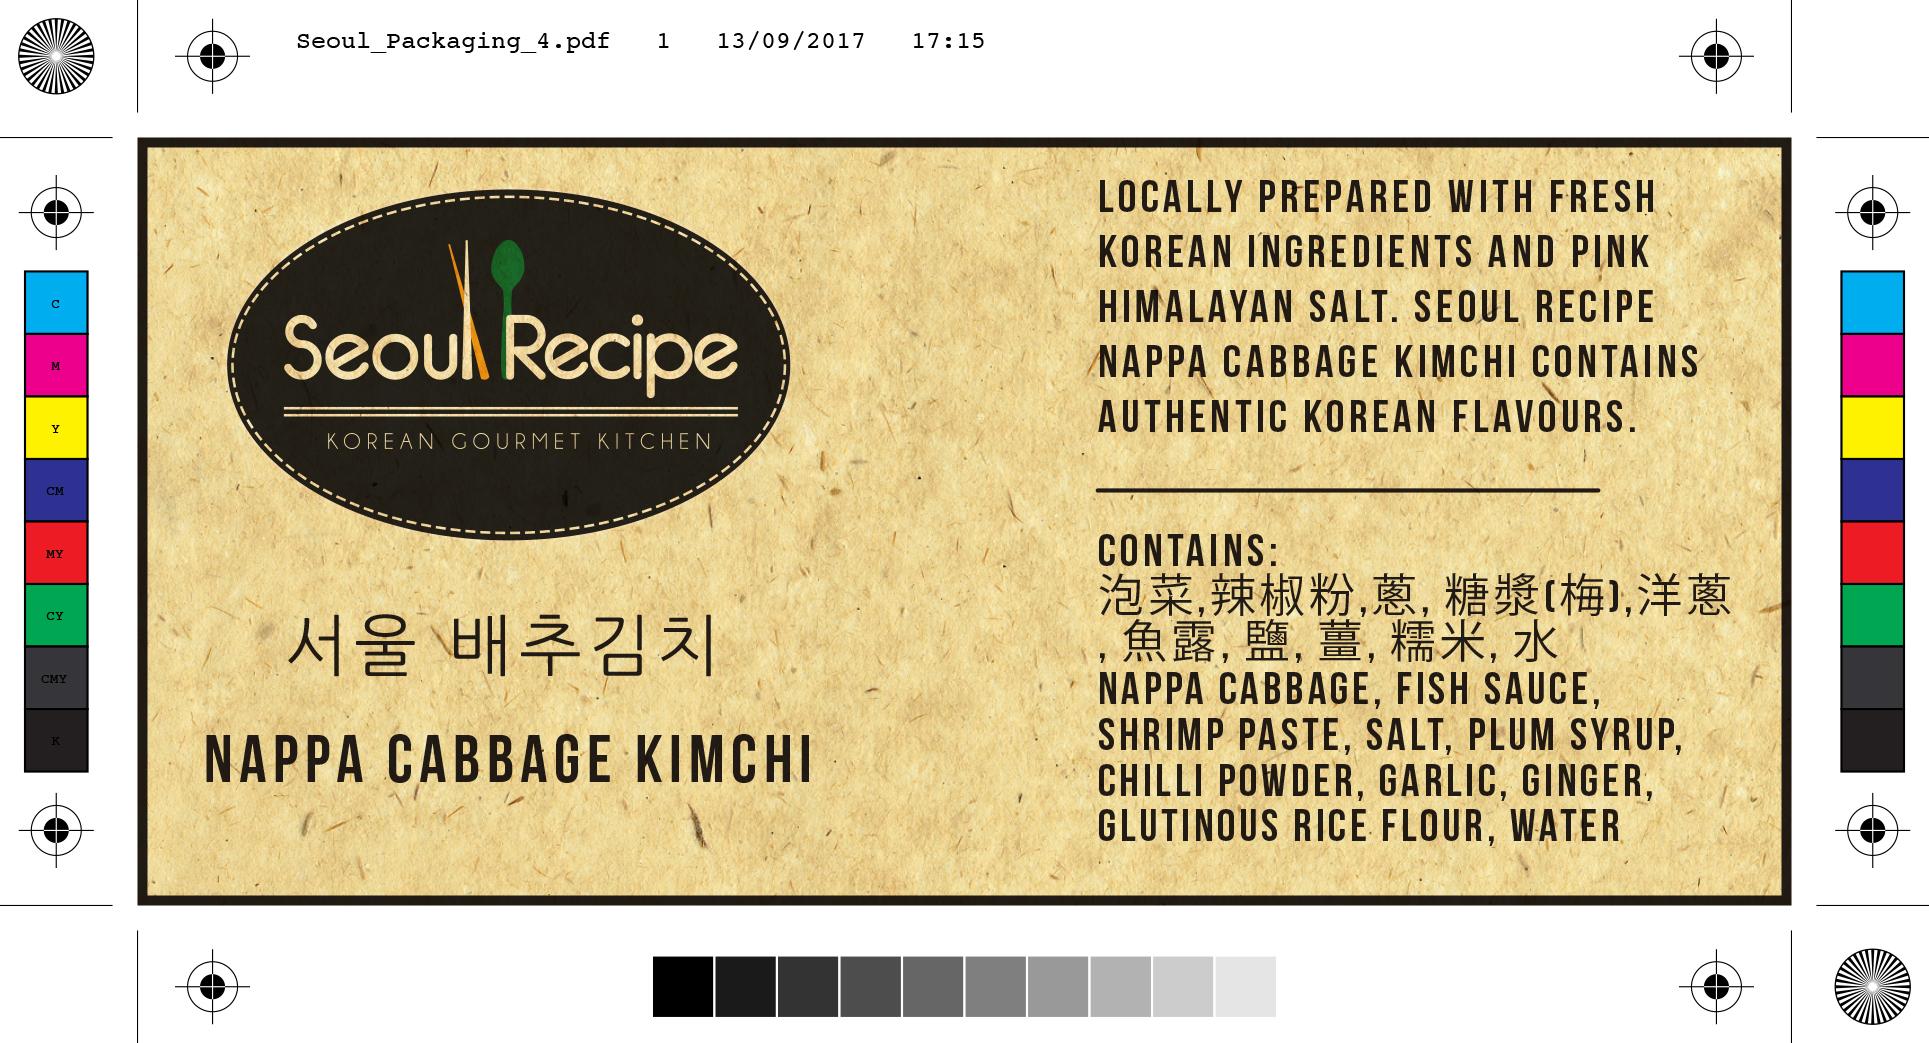 Seoul_Packaging_4-1.jpg